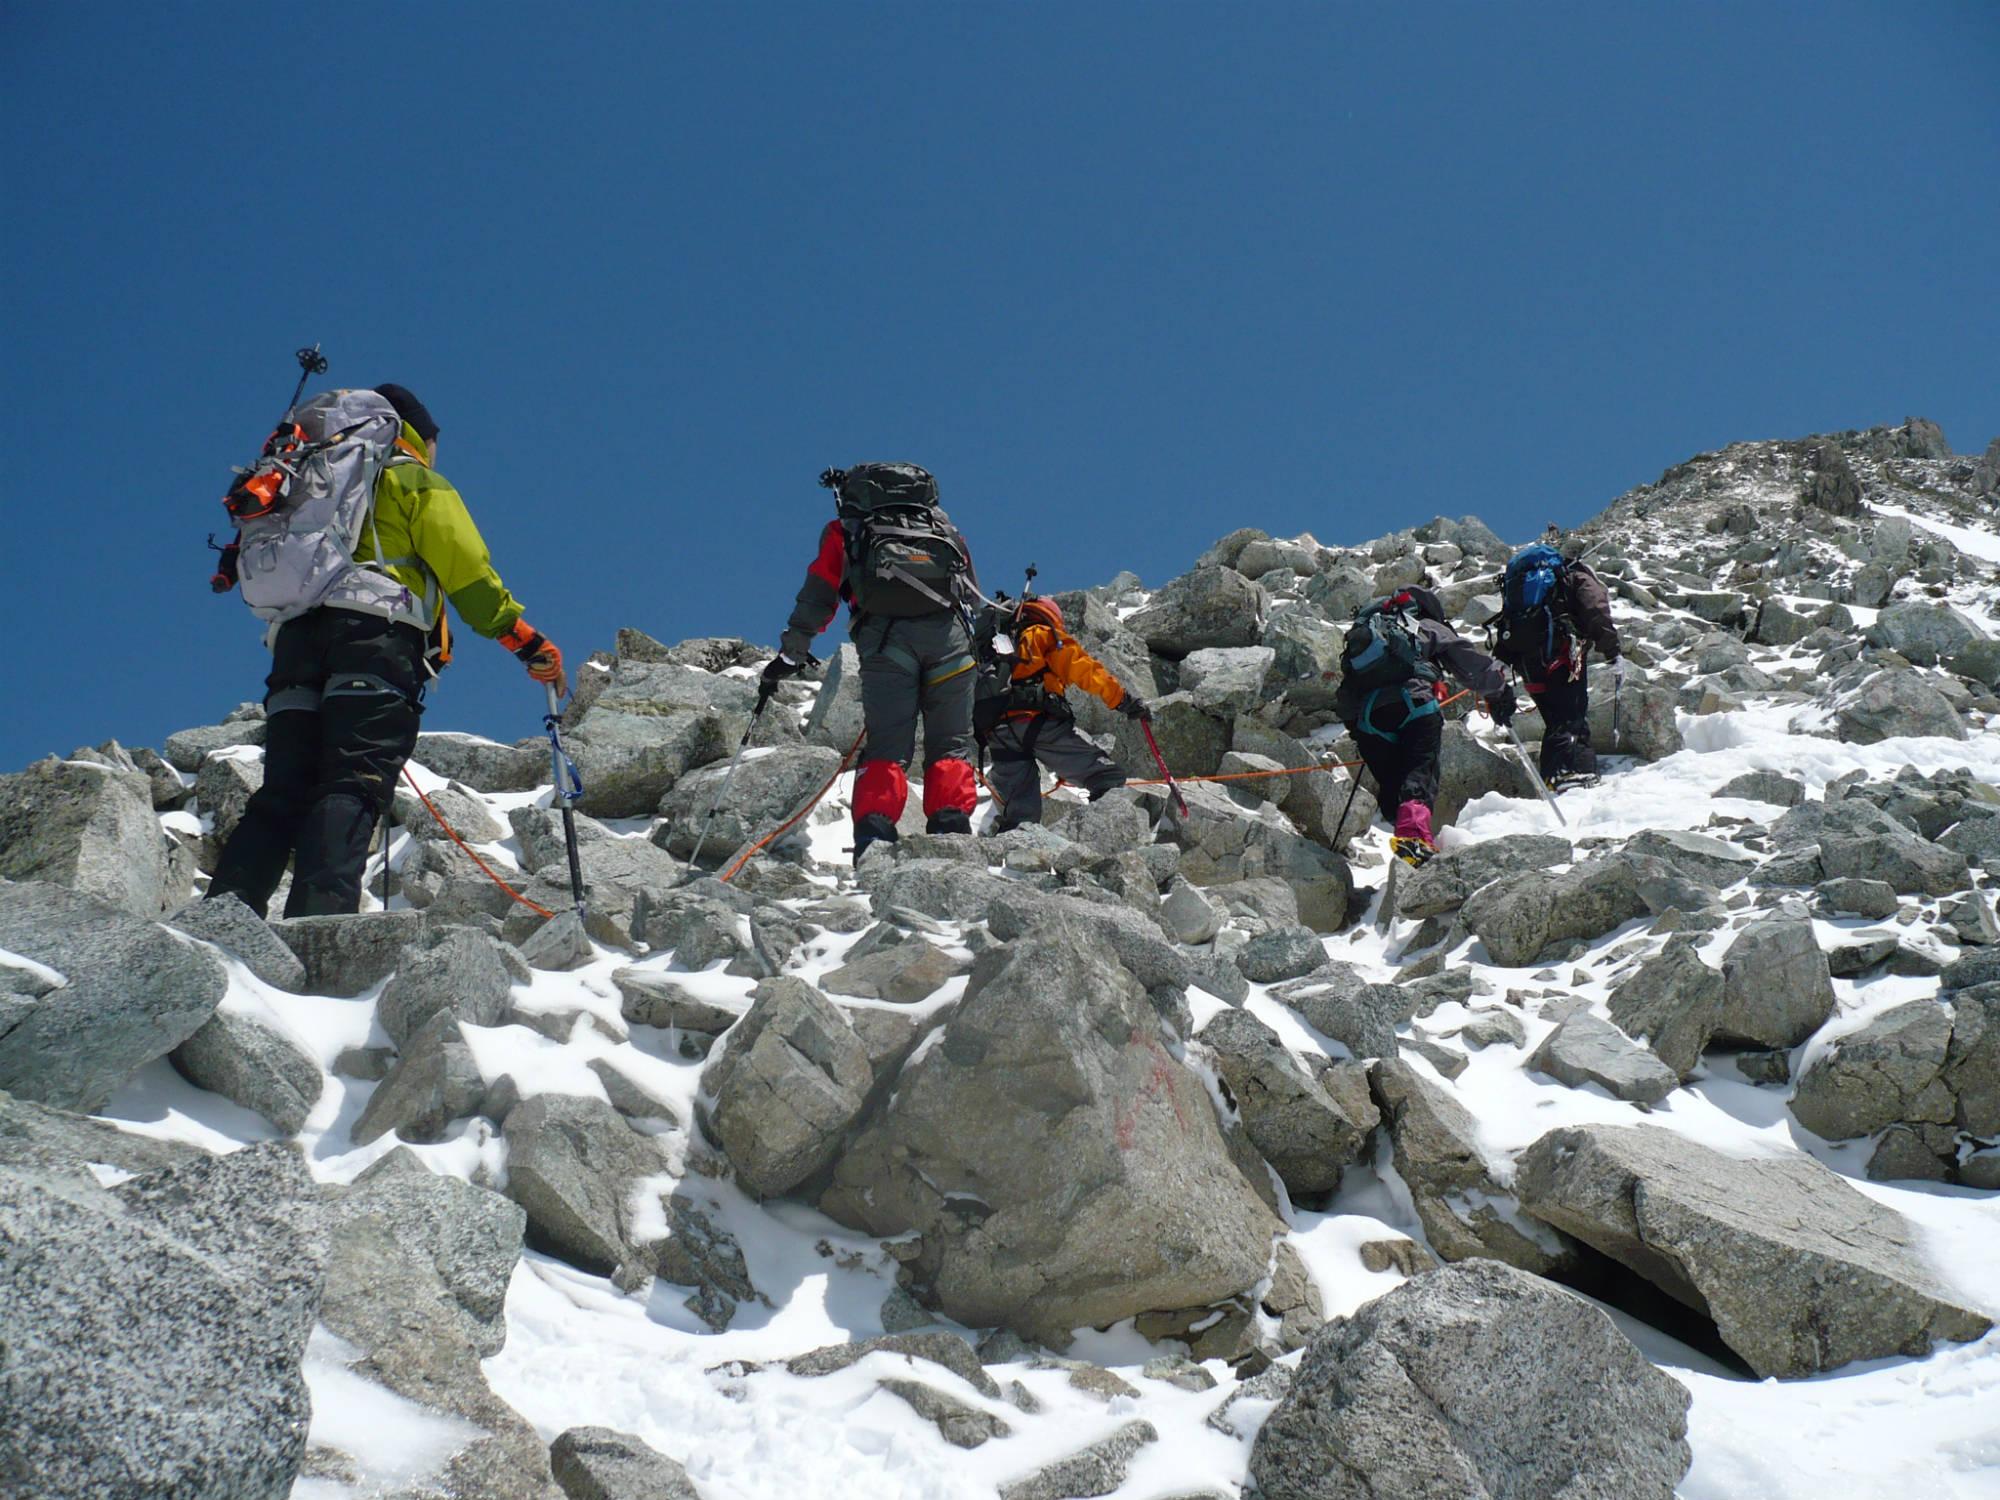 「ヒマラヤ6,000m峰・アイランドピーク」シミュレーション登山